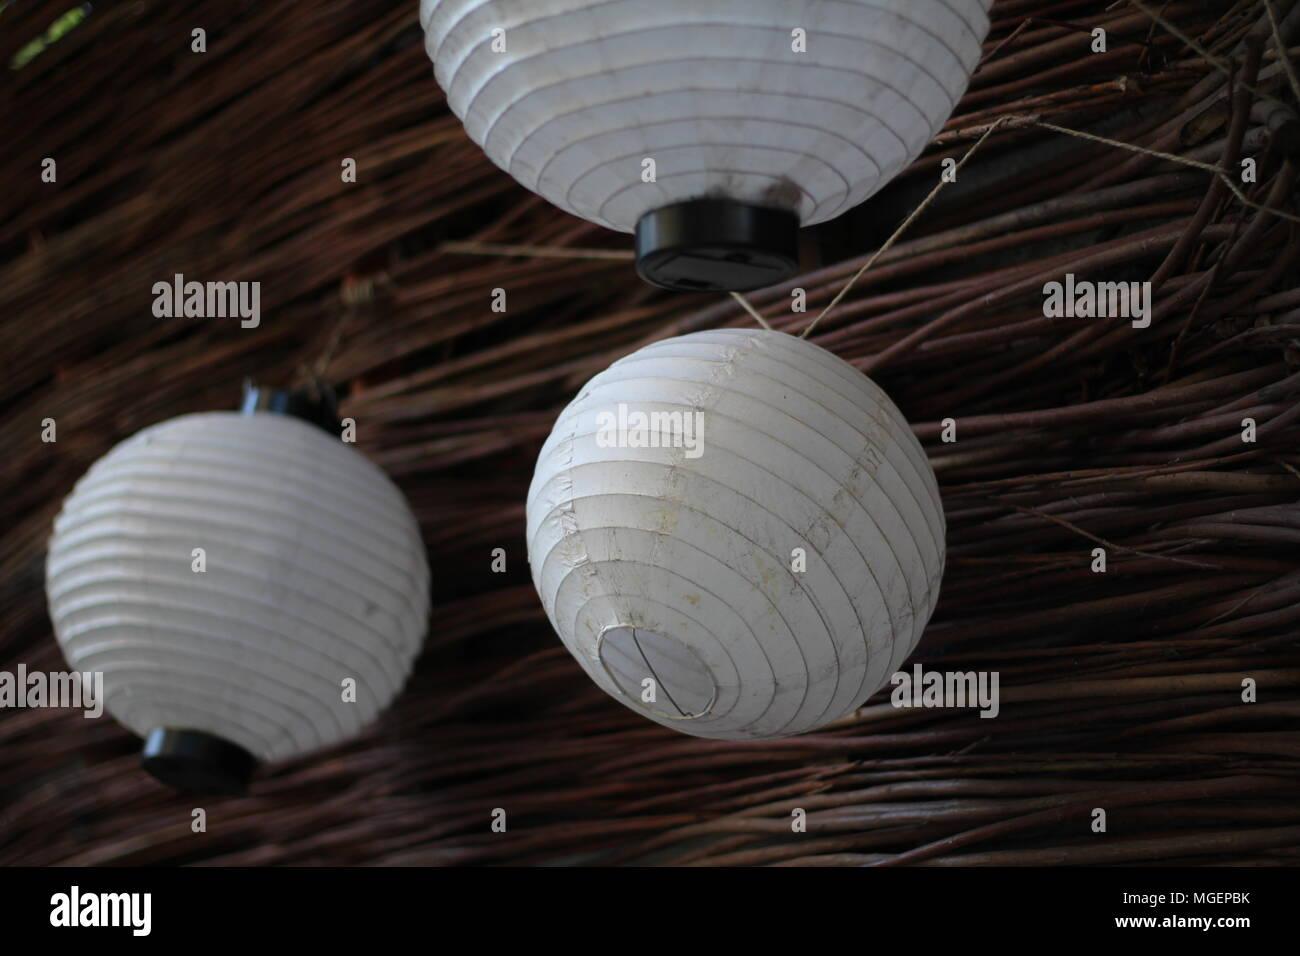 Linternas chinas blanco vacío colgado de una pared de madera espinos Foto de stock